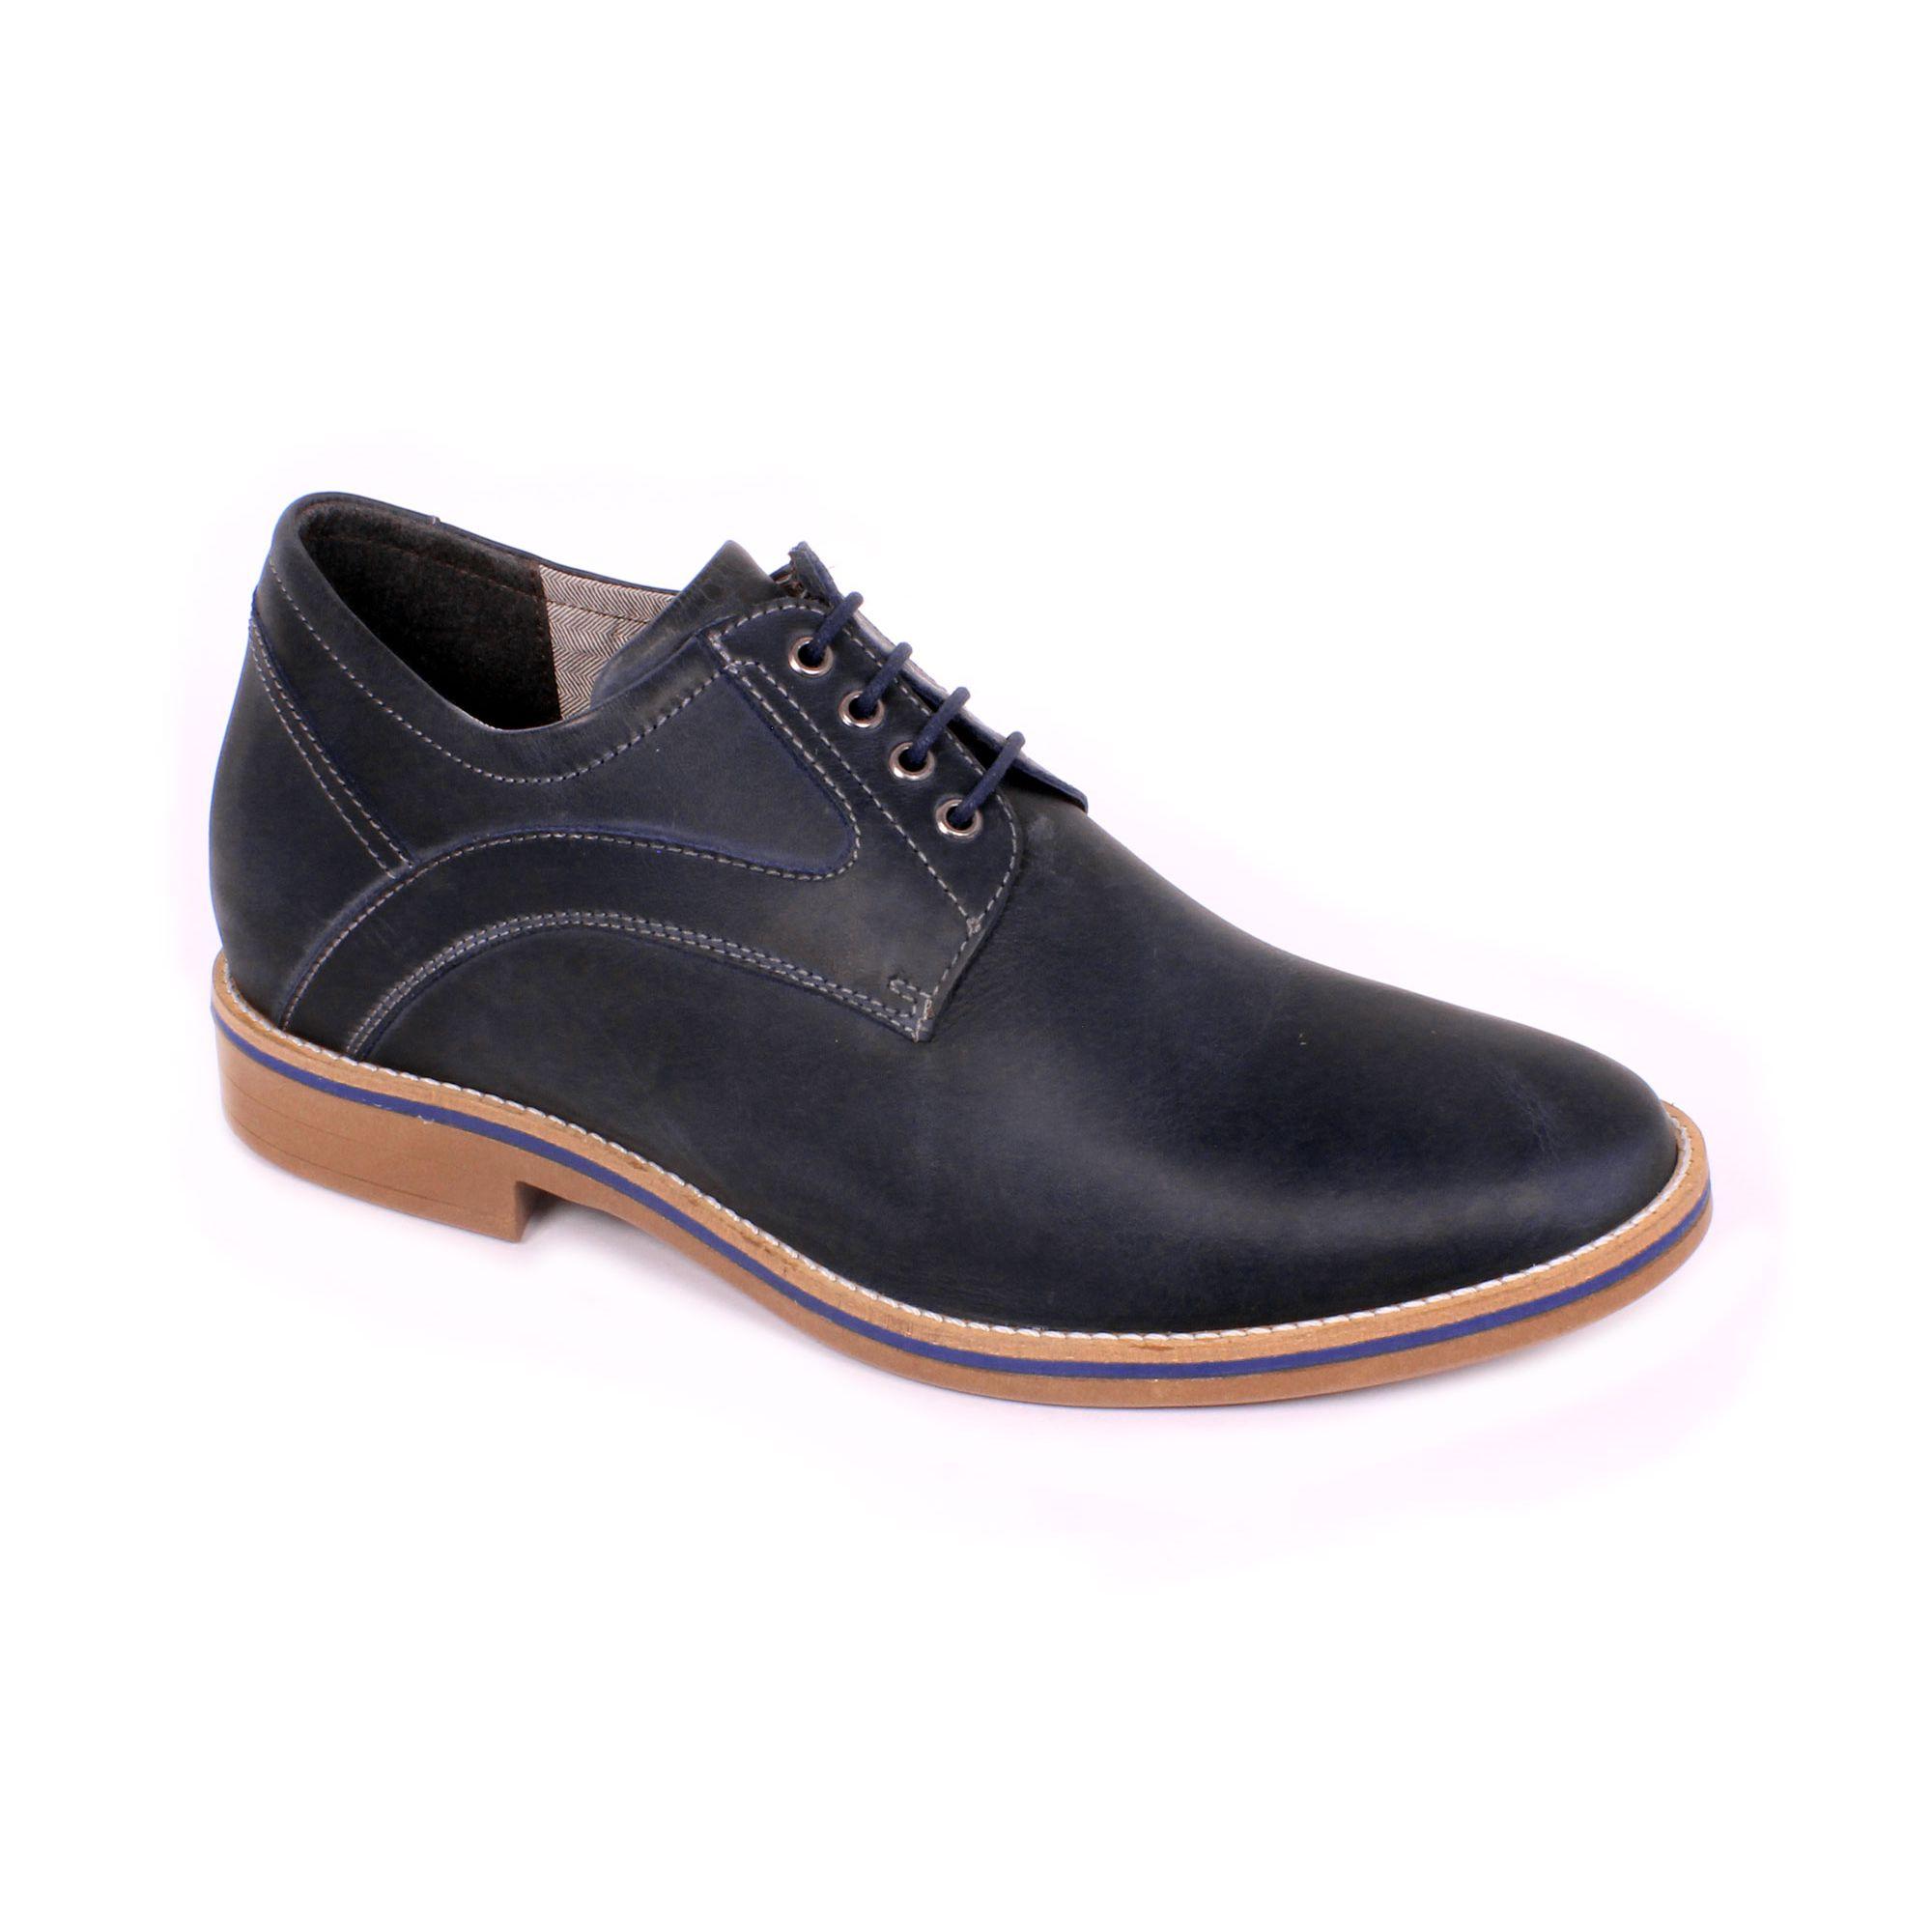 Zapato Casual Culture Azul Max Denegri +7cms de Altura_70793